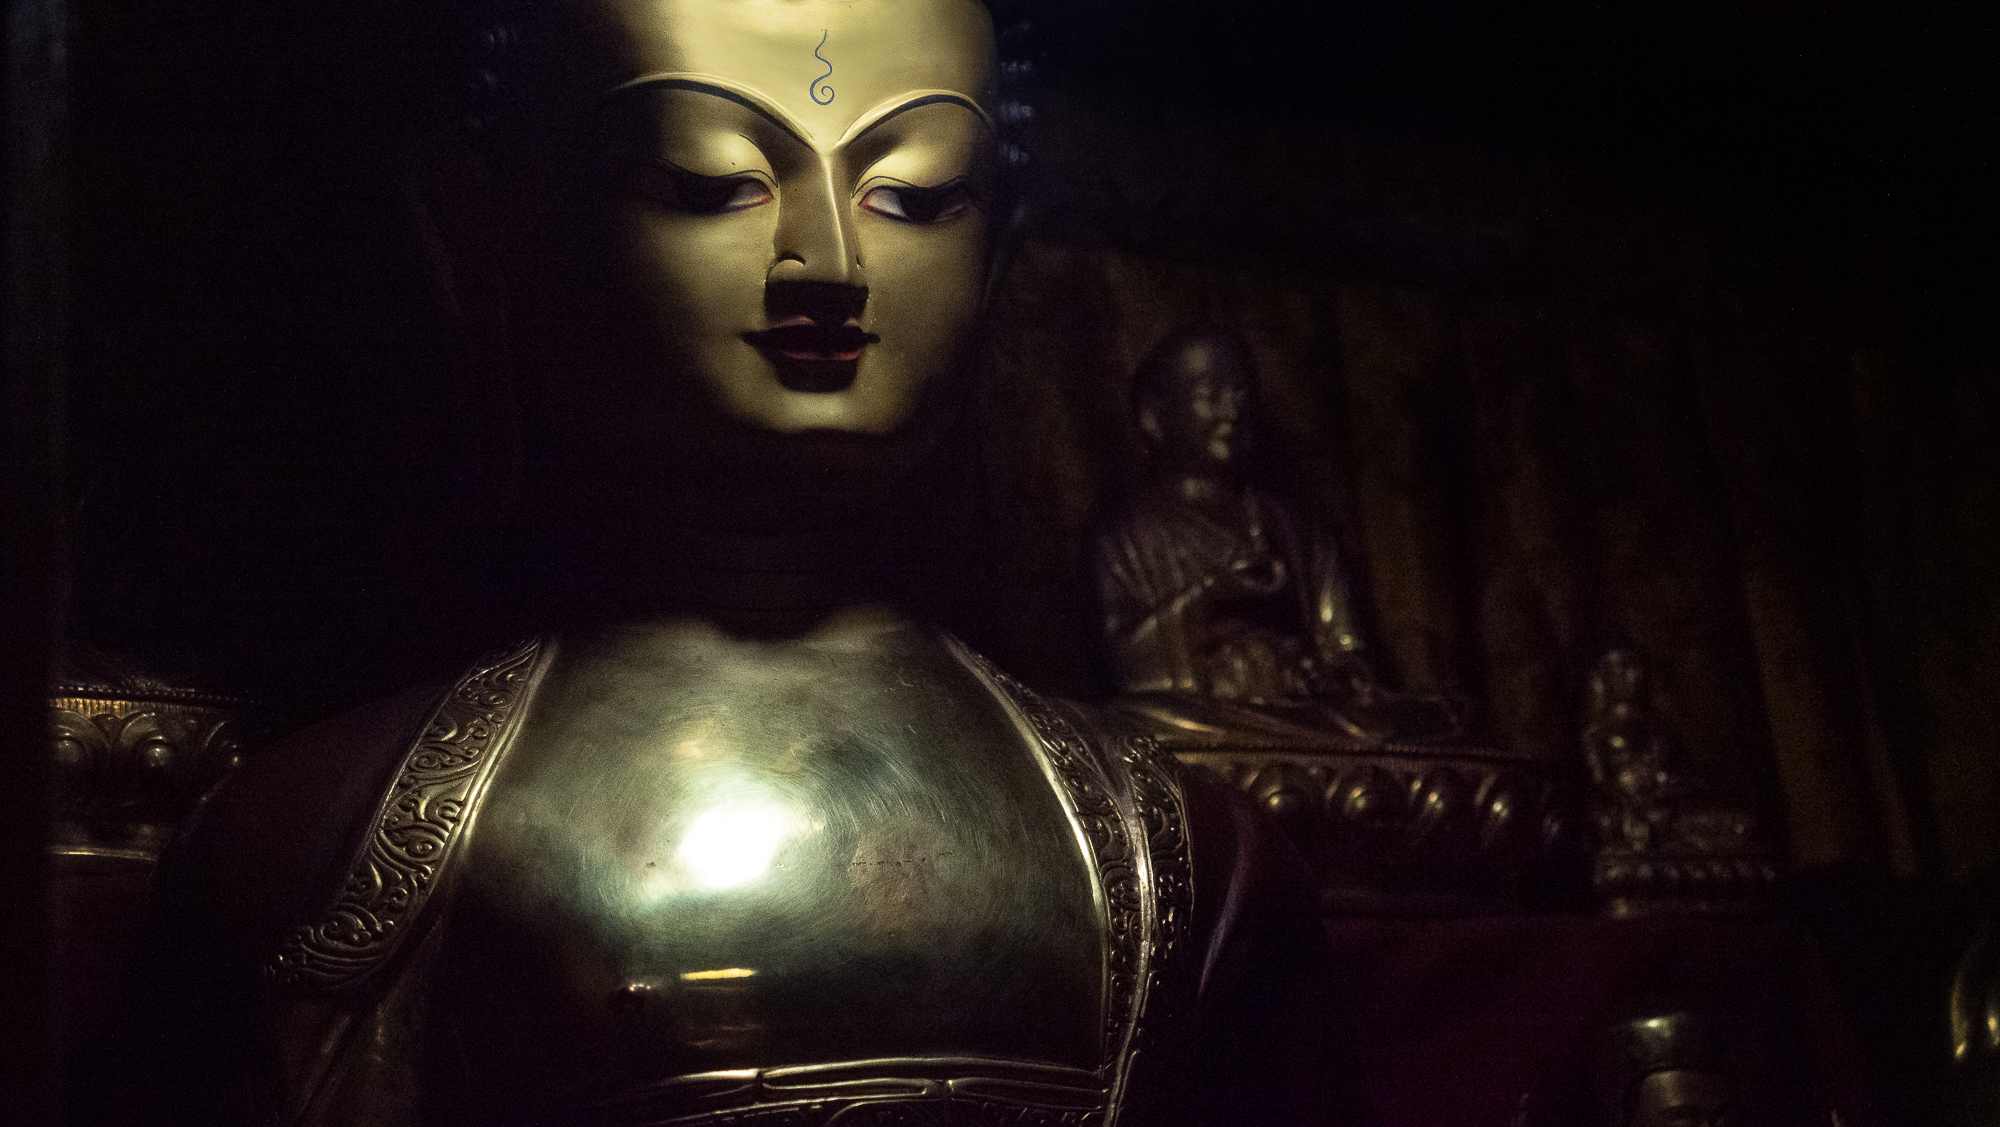 Buddha details in monastery, Nepal